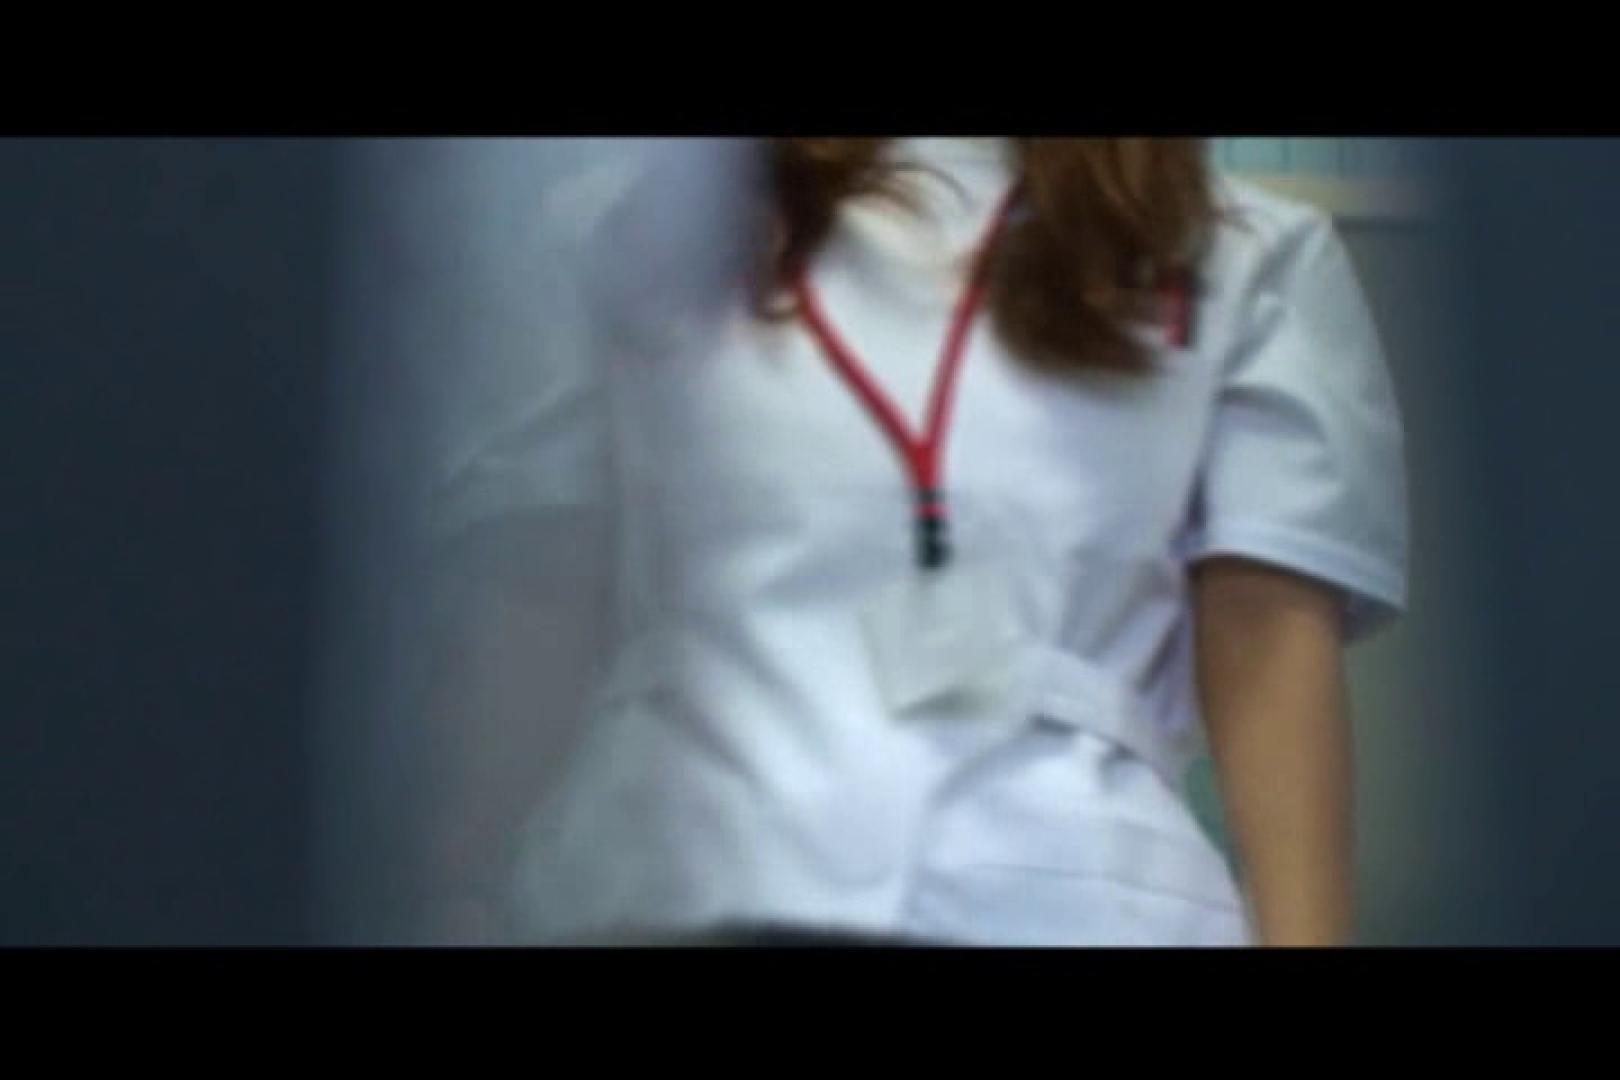 独占配信!無修正! 看護女子寮 vol.09 女の着替え AV動画キャプチャ 9枚 4